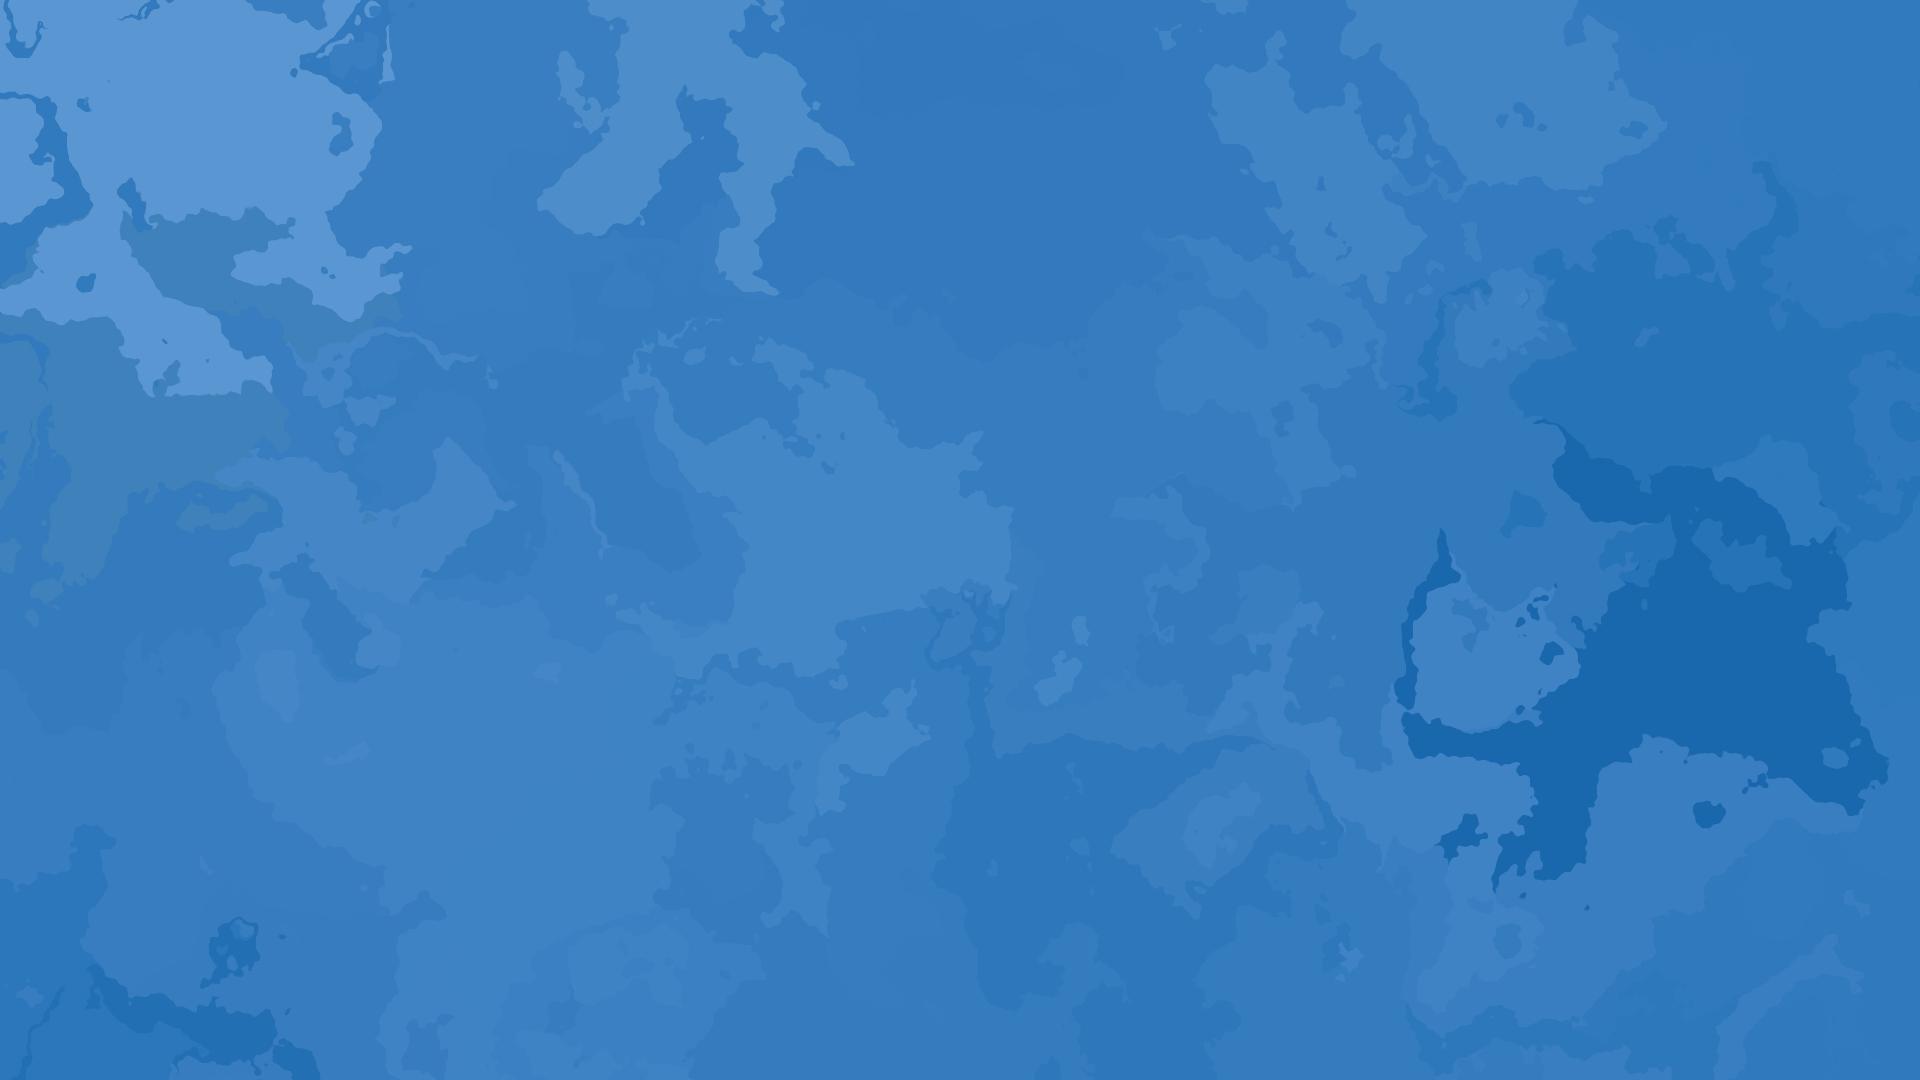 Plain Blue HD Wallpaper by Labotaze 1920x1080